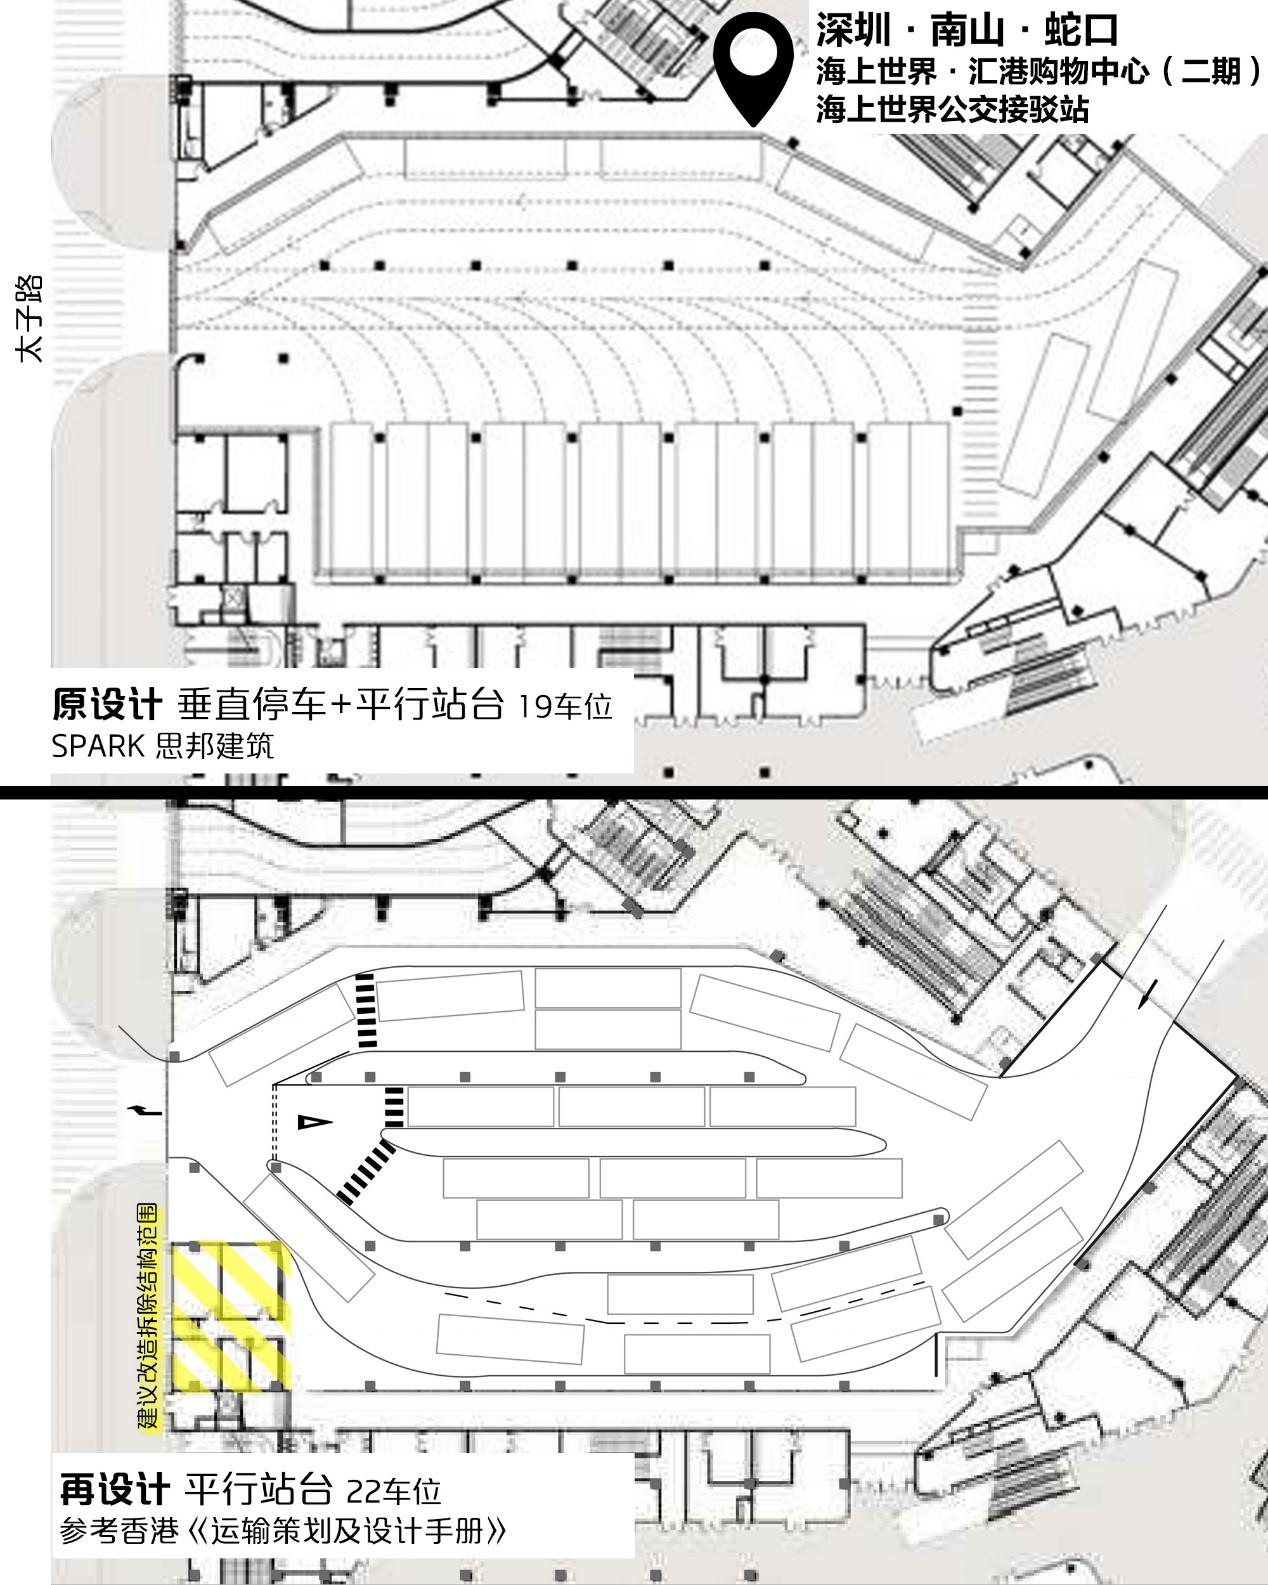 一部分配建场站在不改动柱距的情况下,可改成平行车道式站台布局,增加停车数量,但立面出入开口太小依然是卡脖子问题【平面图:思邦建筑设计咨询(上海)有限公司】。